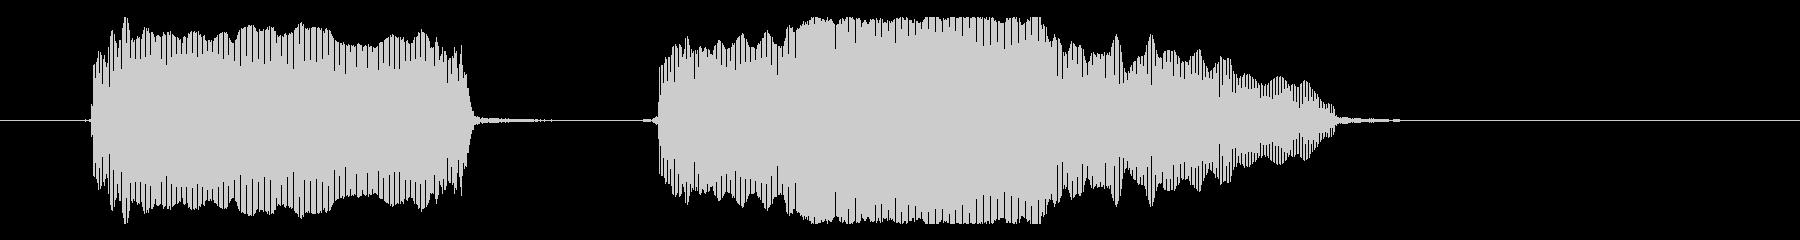 感情表現音_嘆き_01の未再生の波形